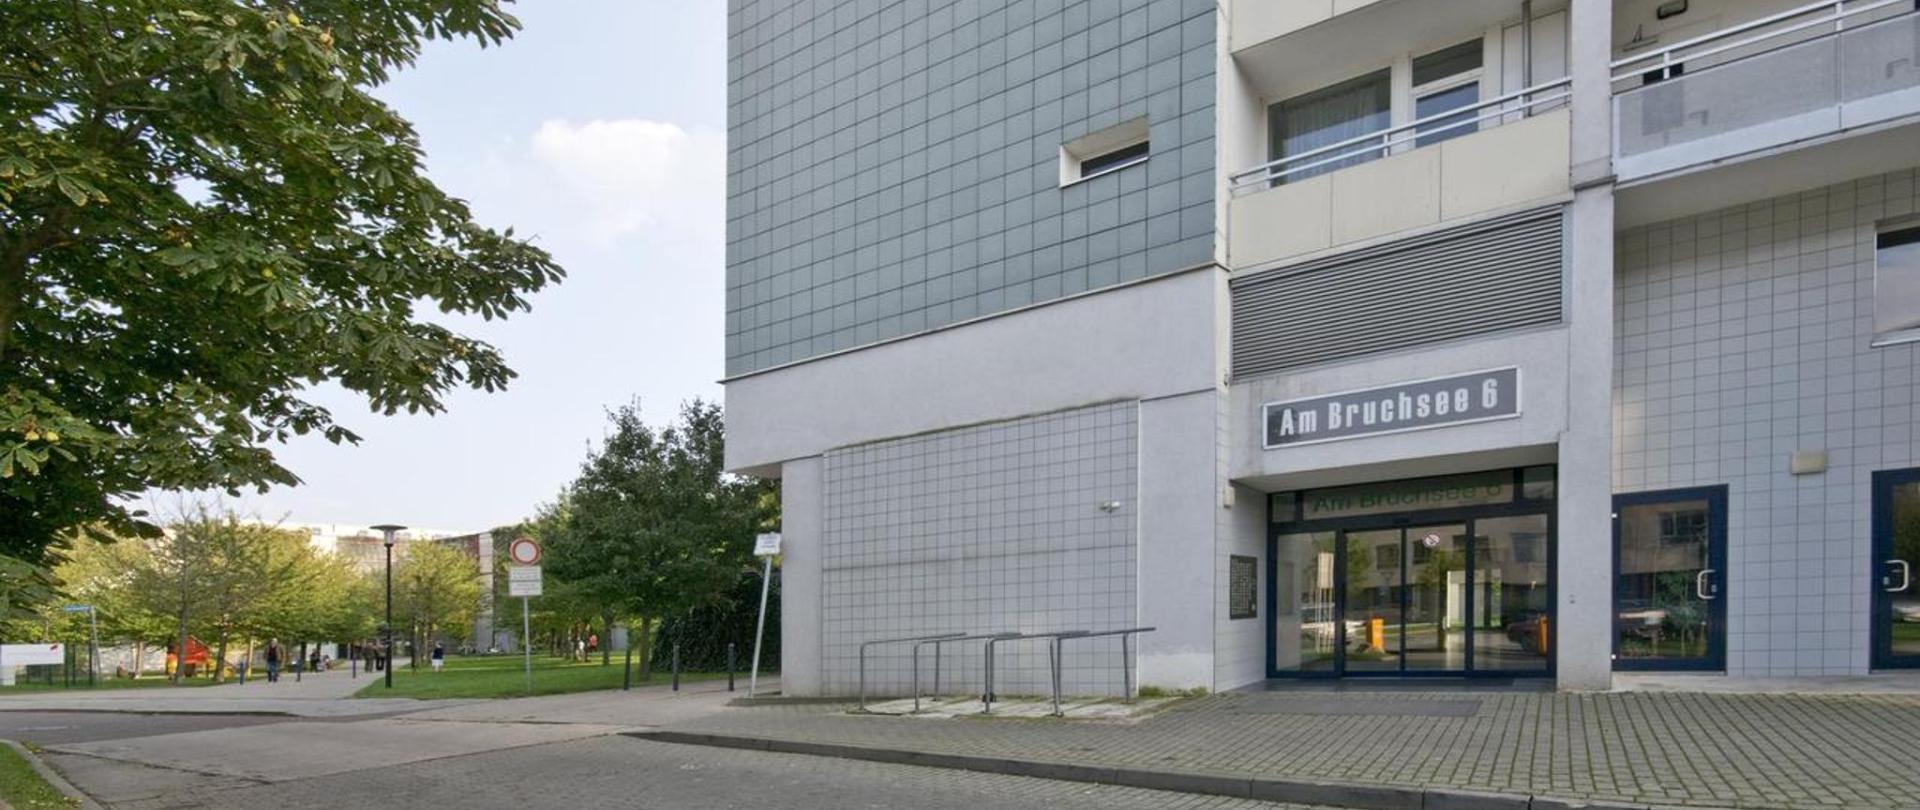 Eingangsbereich Am Bruchsee 6.jpg